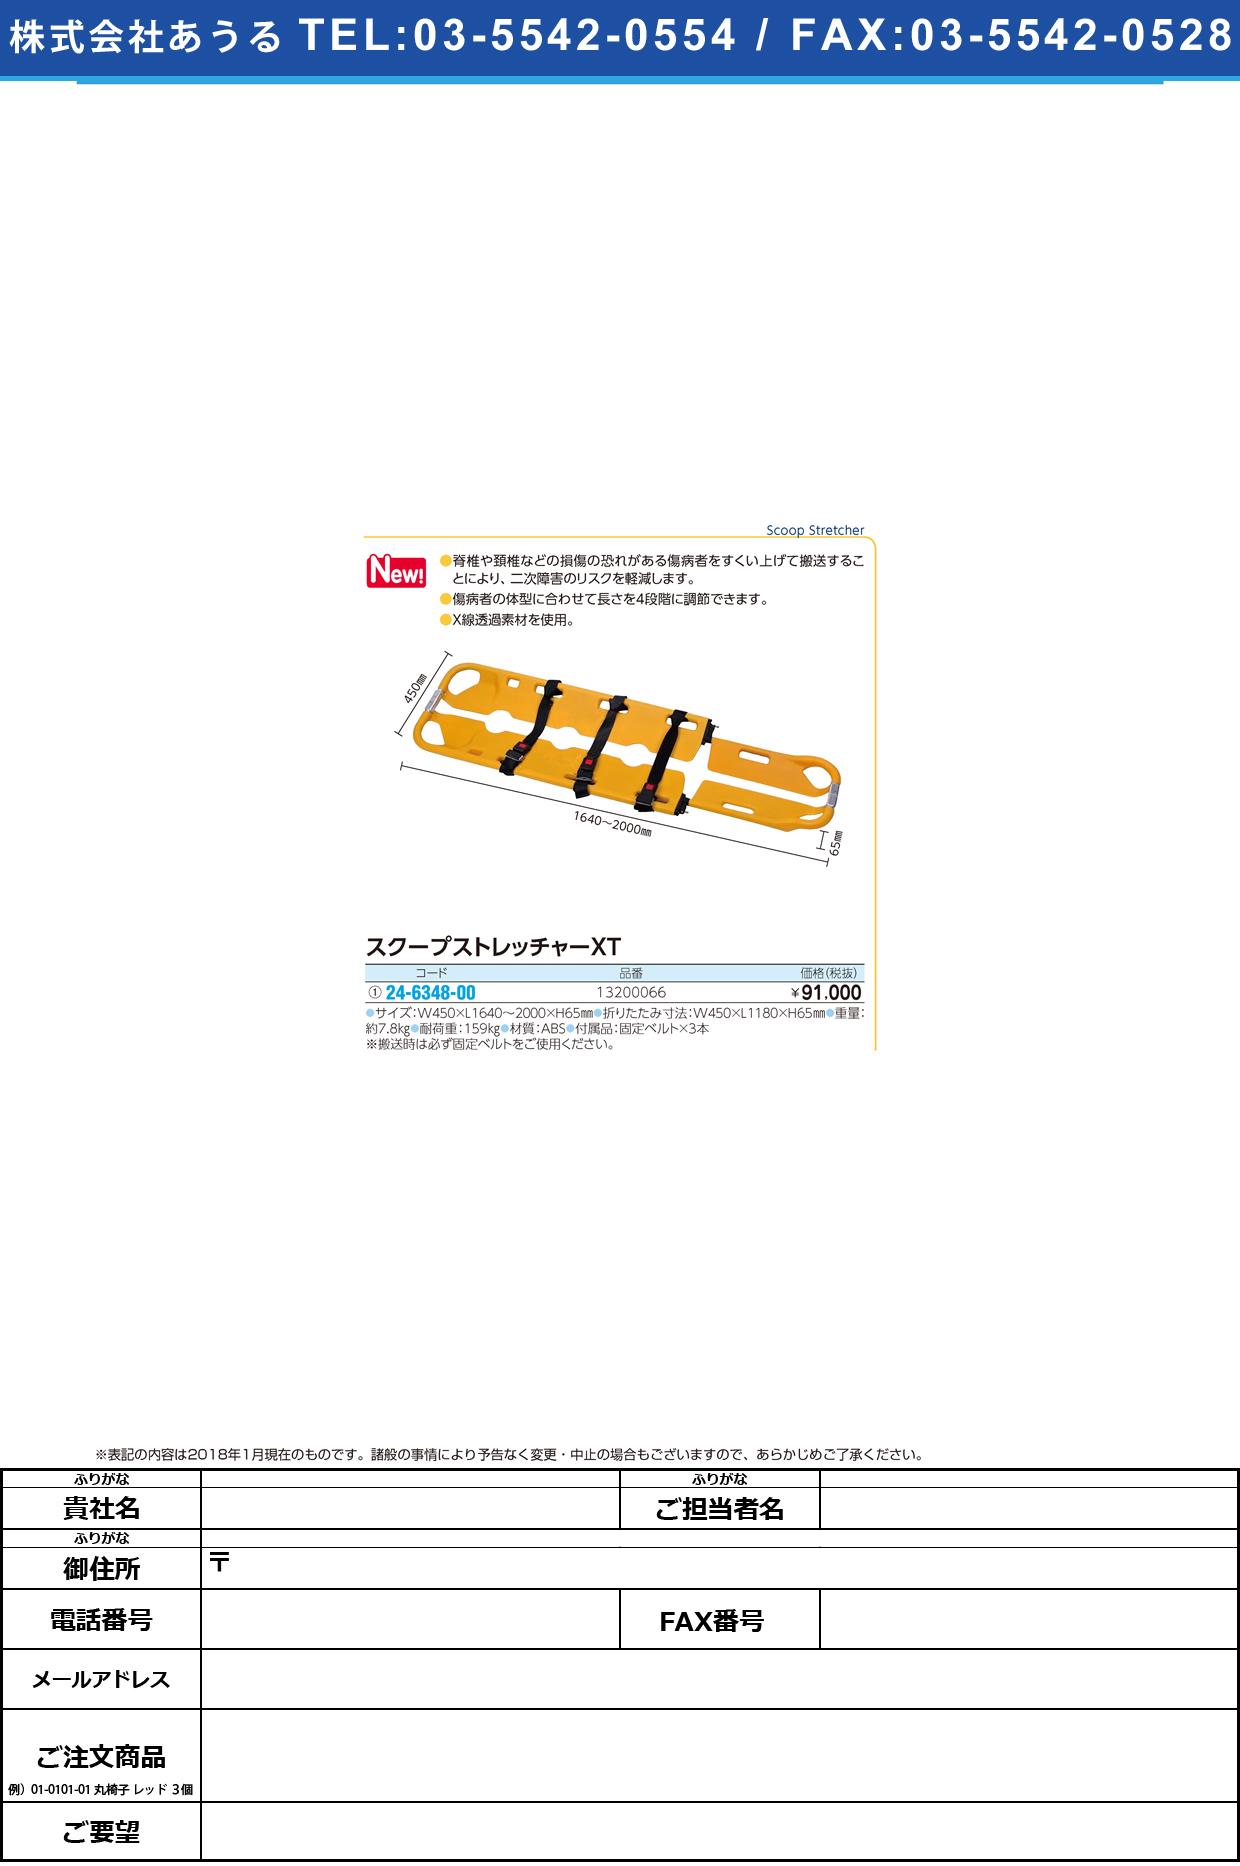 (24-6348-00)スクープストレッチャーXT 13200066 スクープストレッチャーXT【1台単位】【2018年カタログ商品】